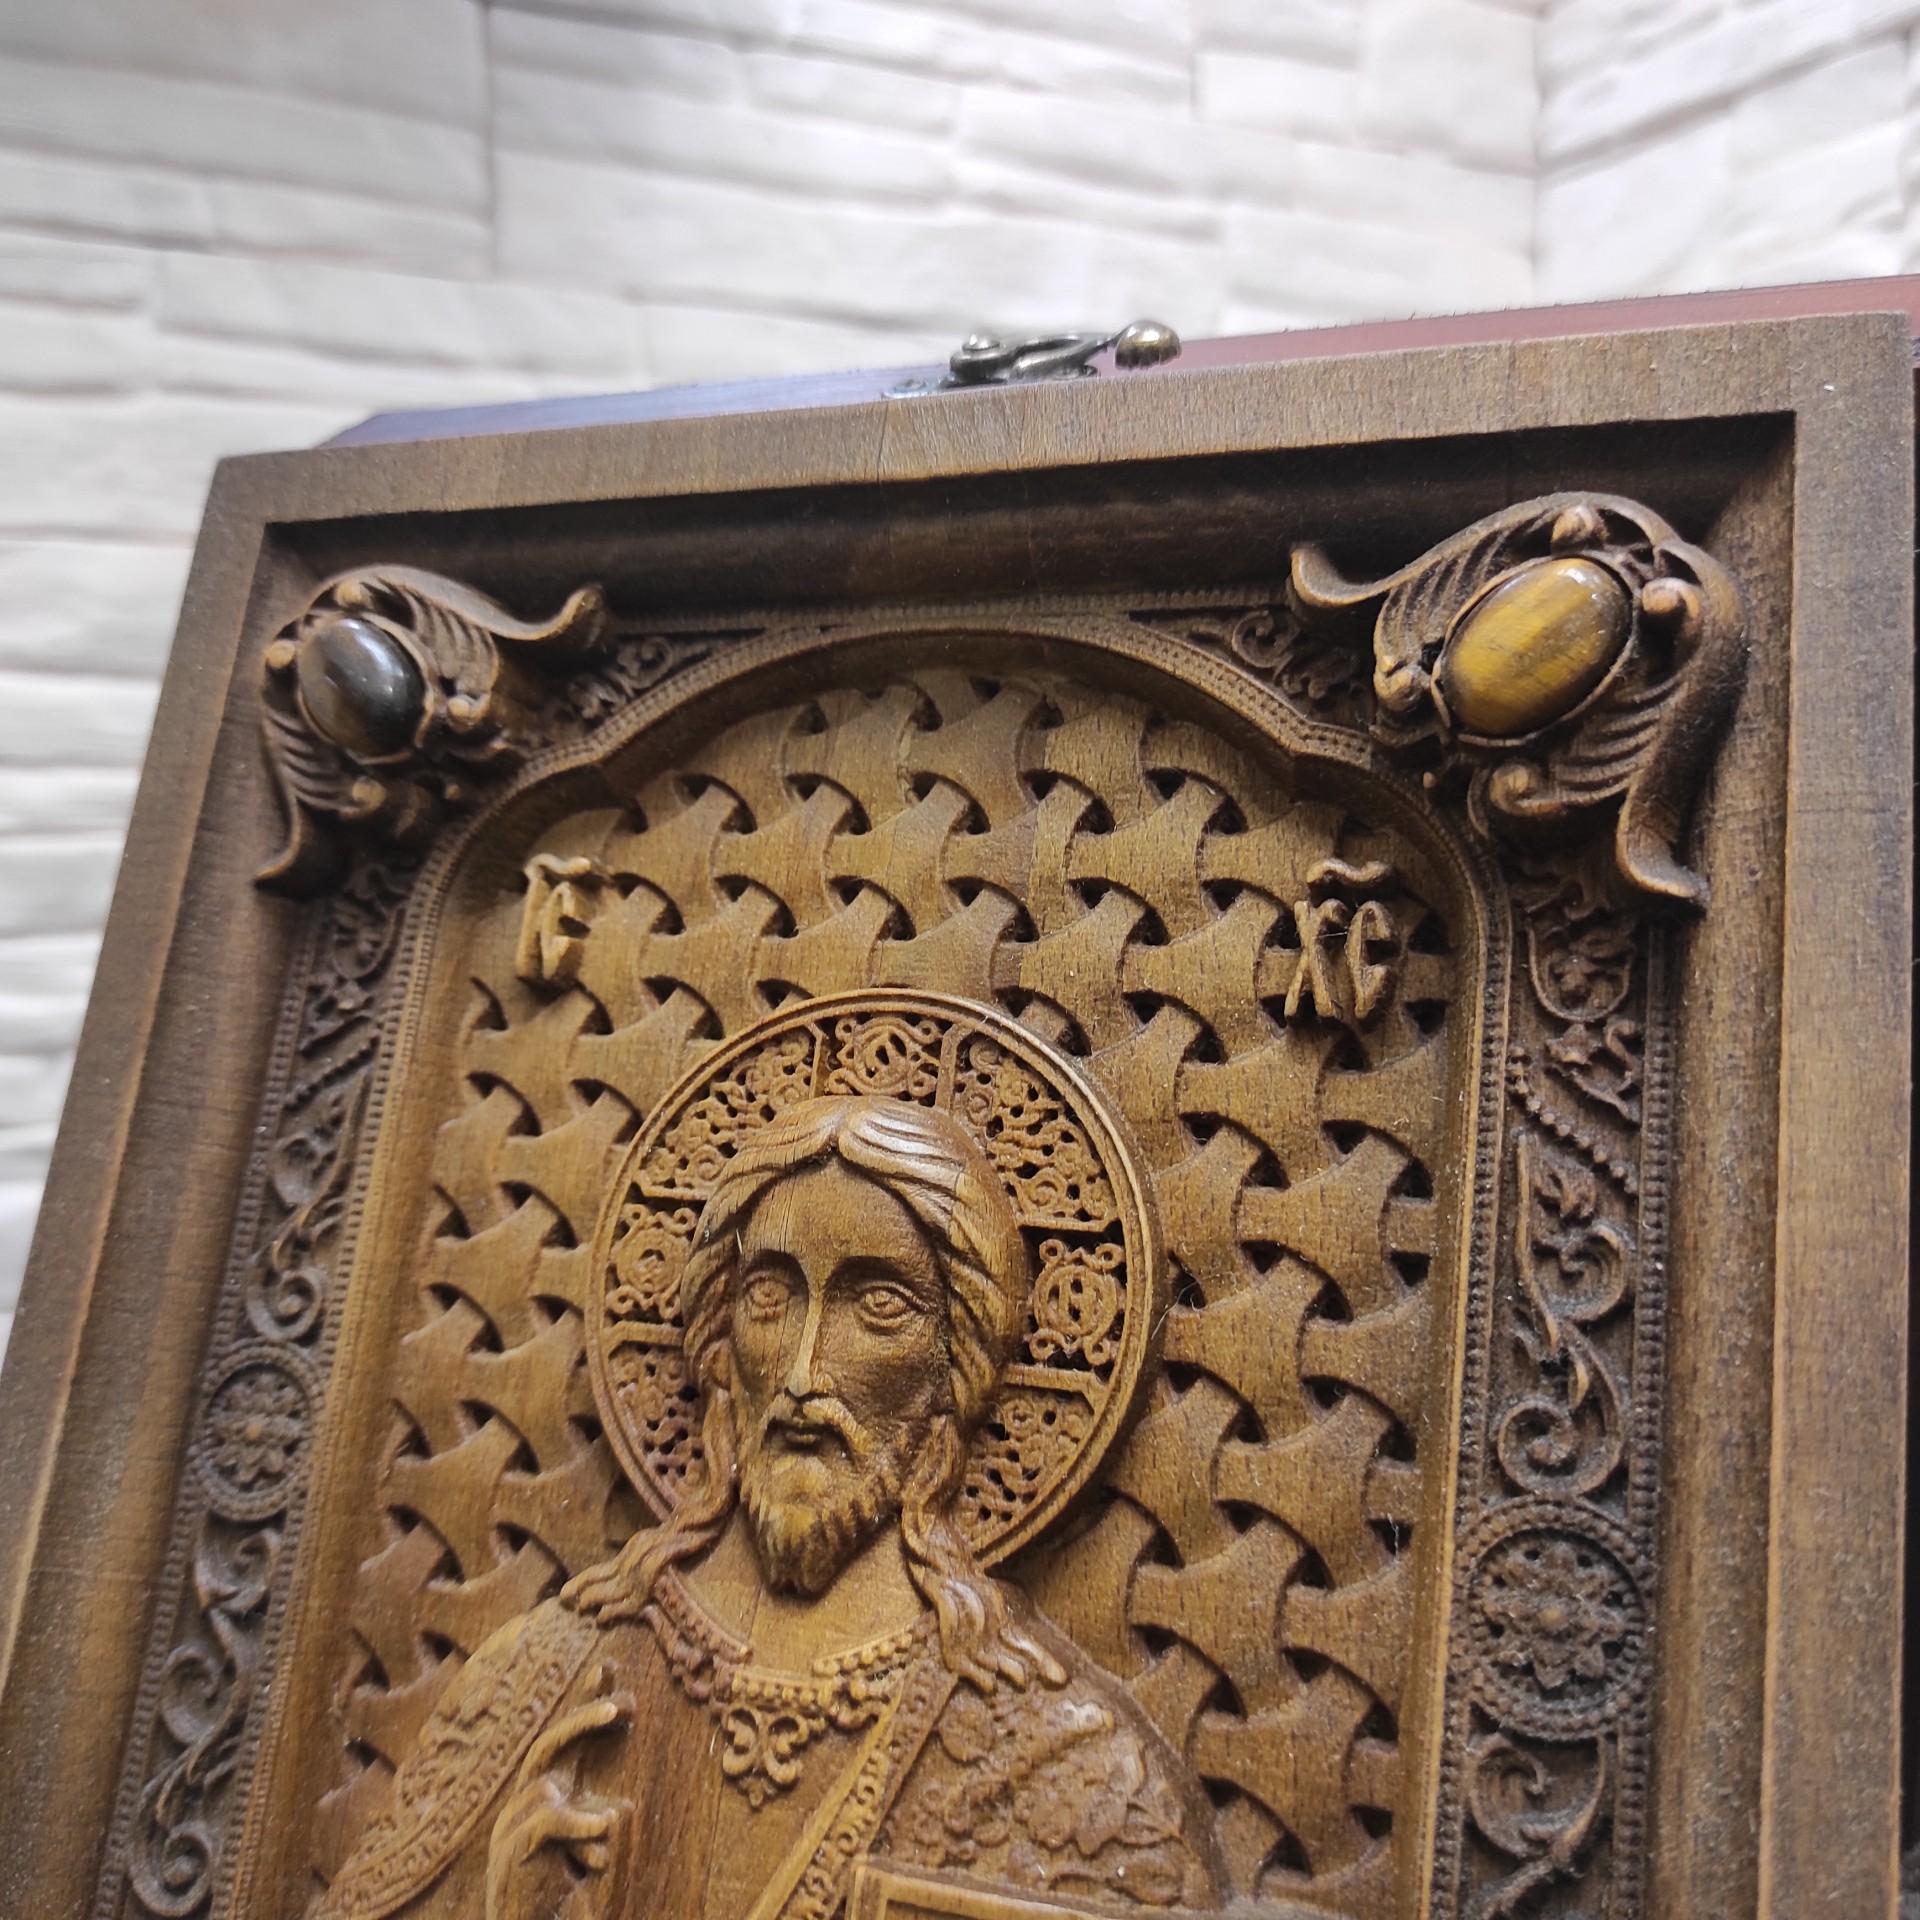 Фото верхних камней резной иконы Господа Вседержителя с камнями